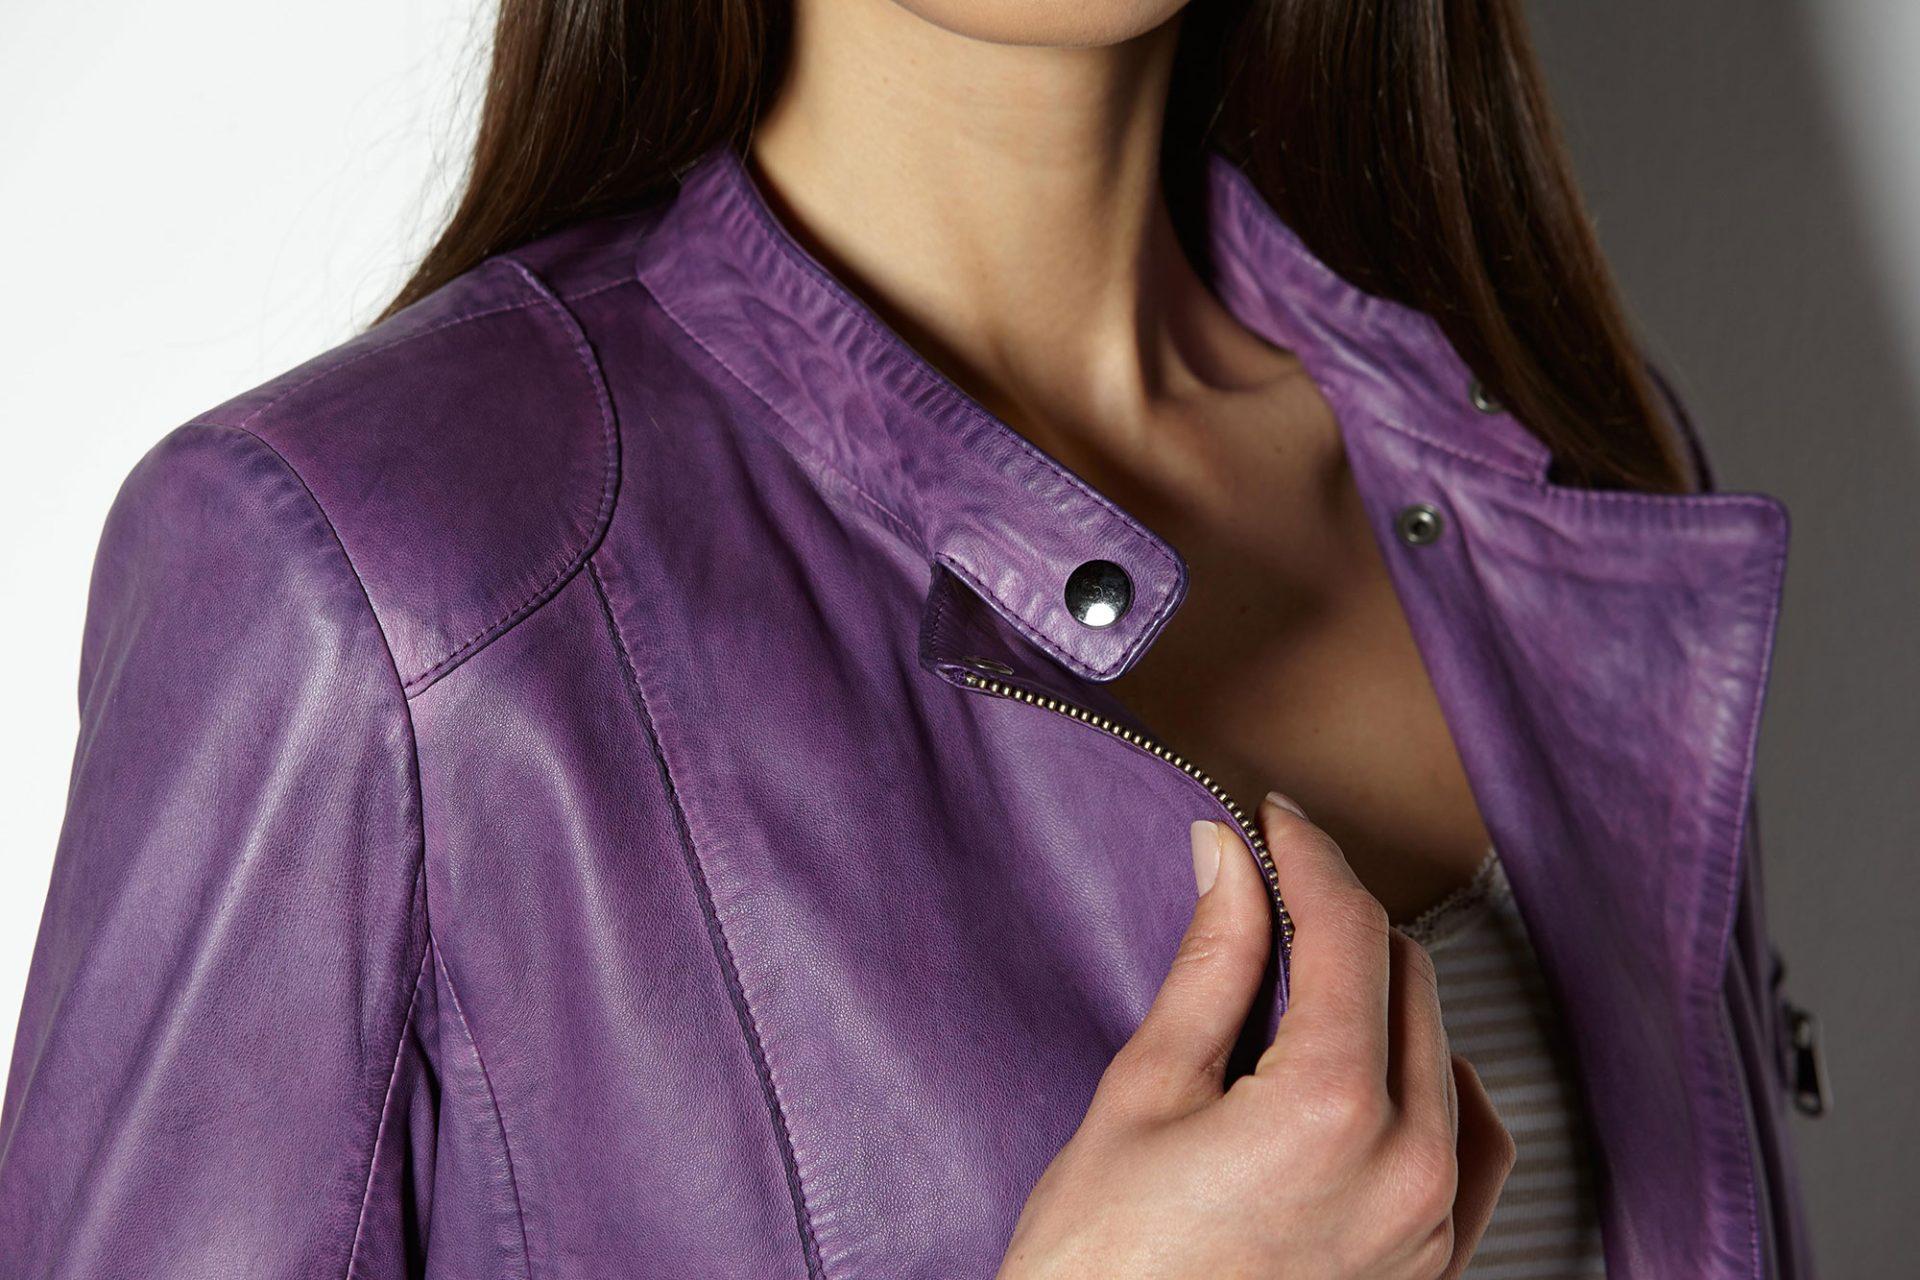 Nahaufnahme eines Kragens einer violetten Lederjacke